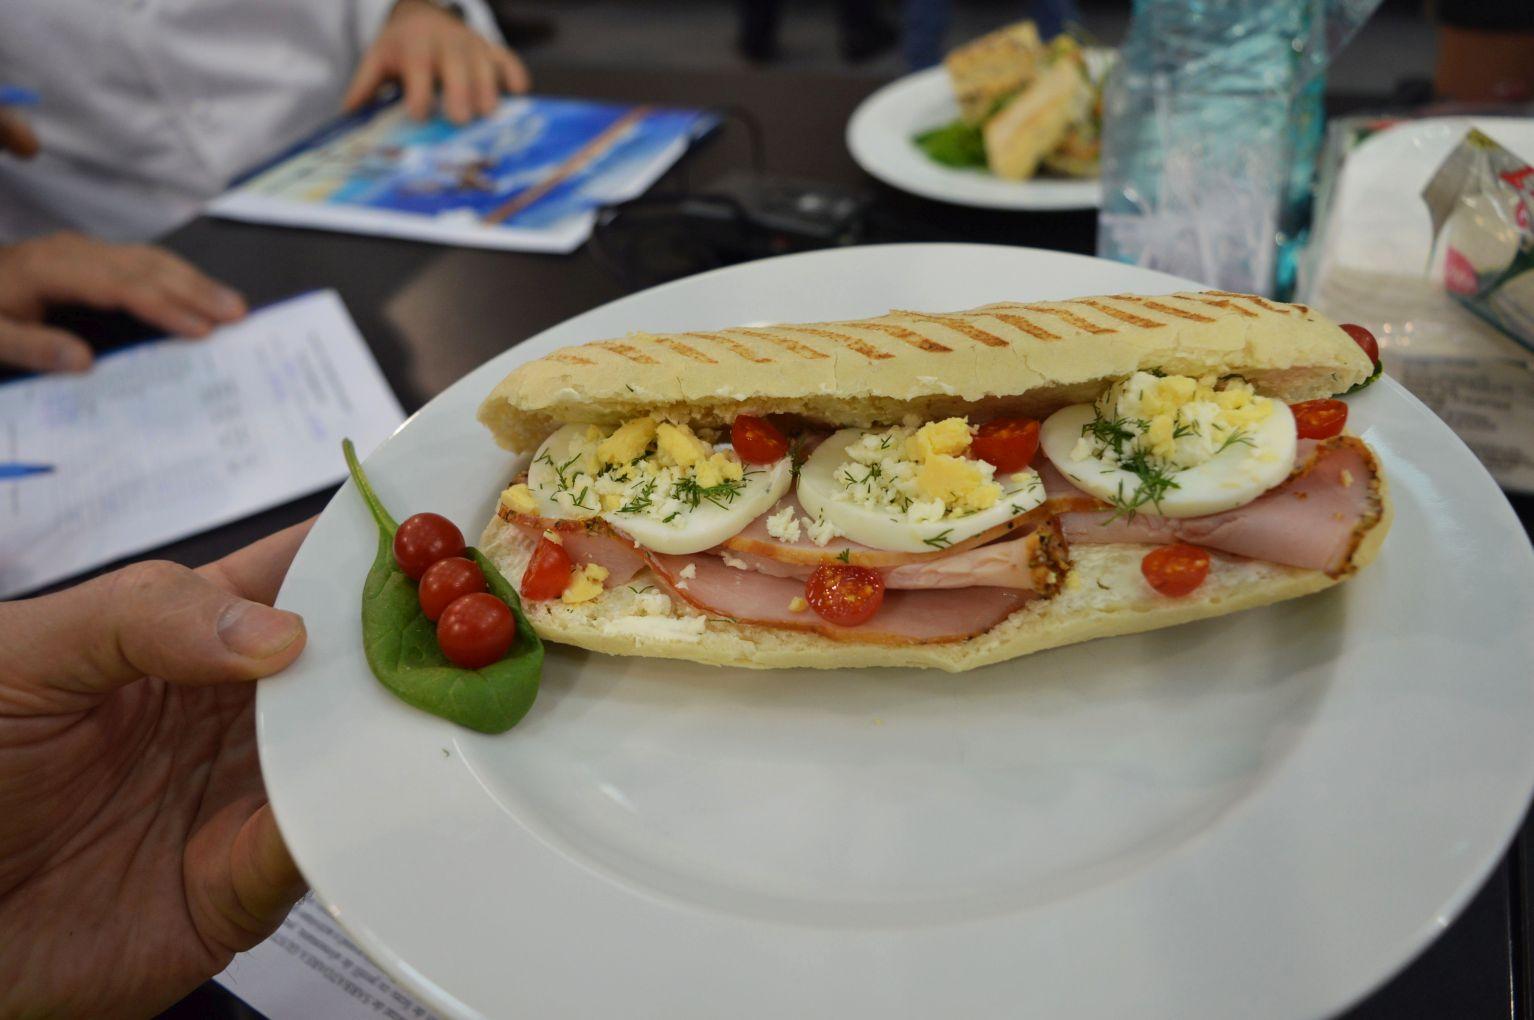 Sarbatoarea_Gustului_Cupa_de_Sandwich_28